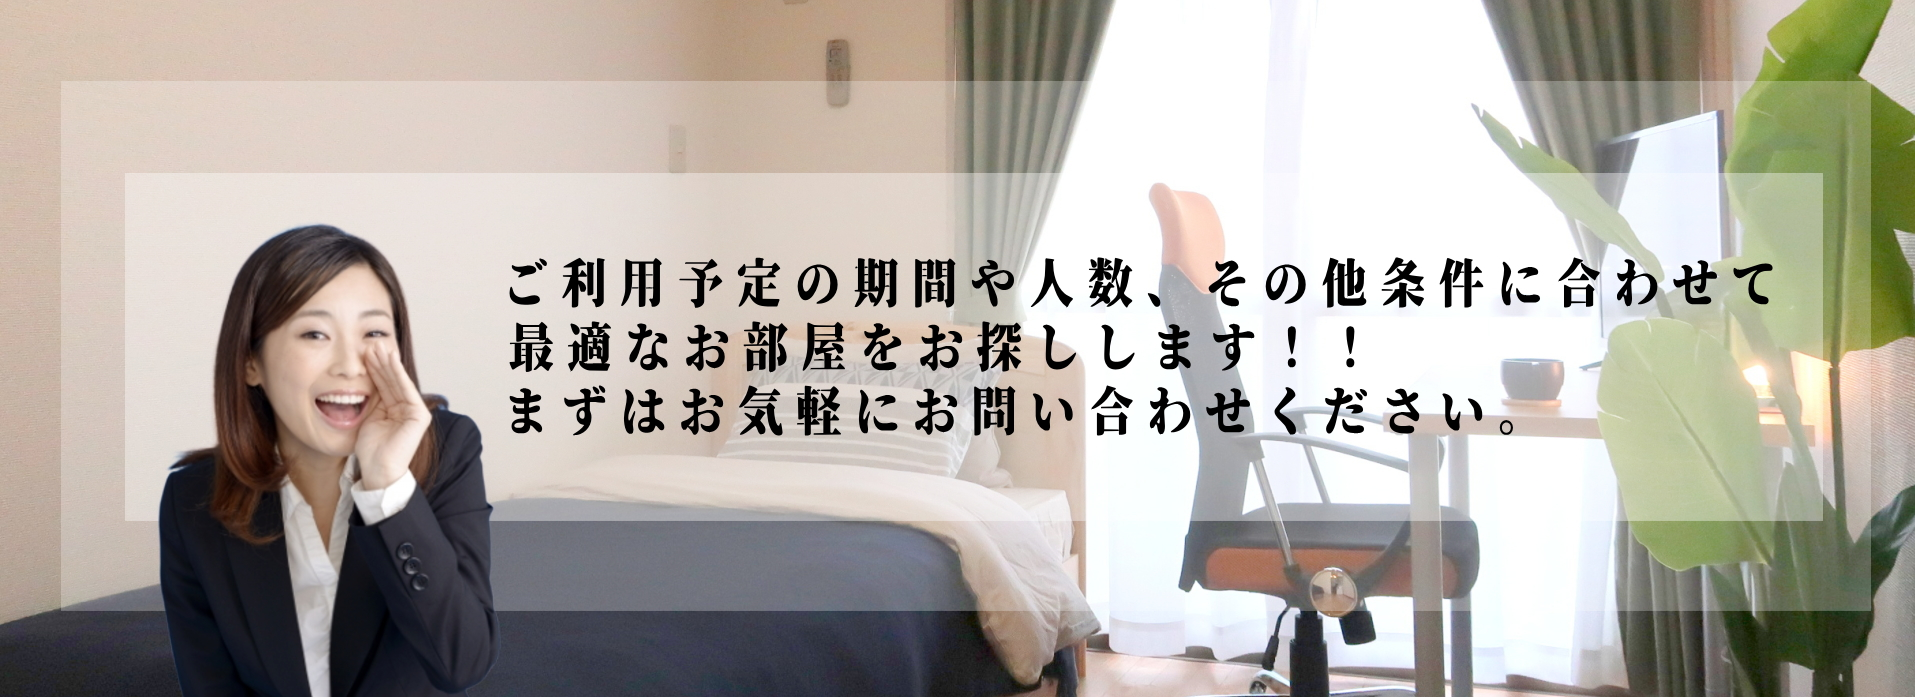 神奈川県小田原市のマンスリー・ウィークリーマンションのことならレントライフにお任せ下さい!1R、1K、1LDK,2DKなど 法人様の出張、研修、社宅、寮などの幅広くご利用頂けます。